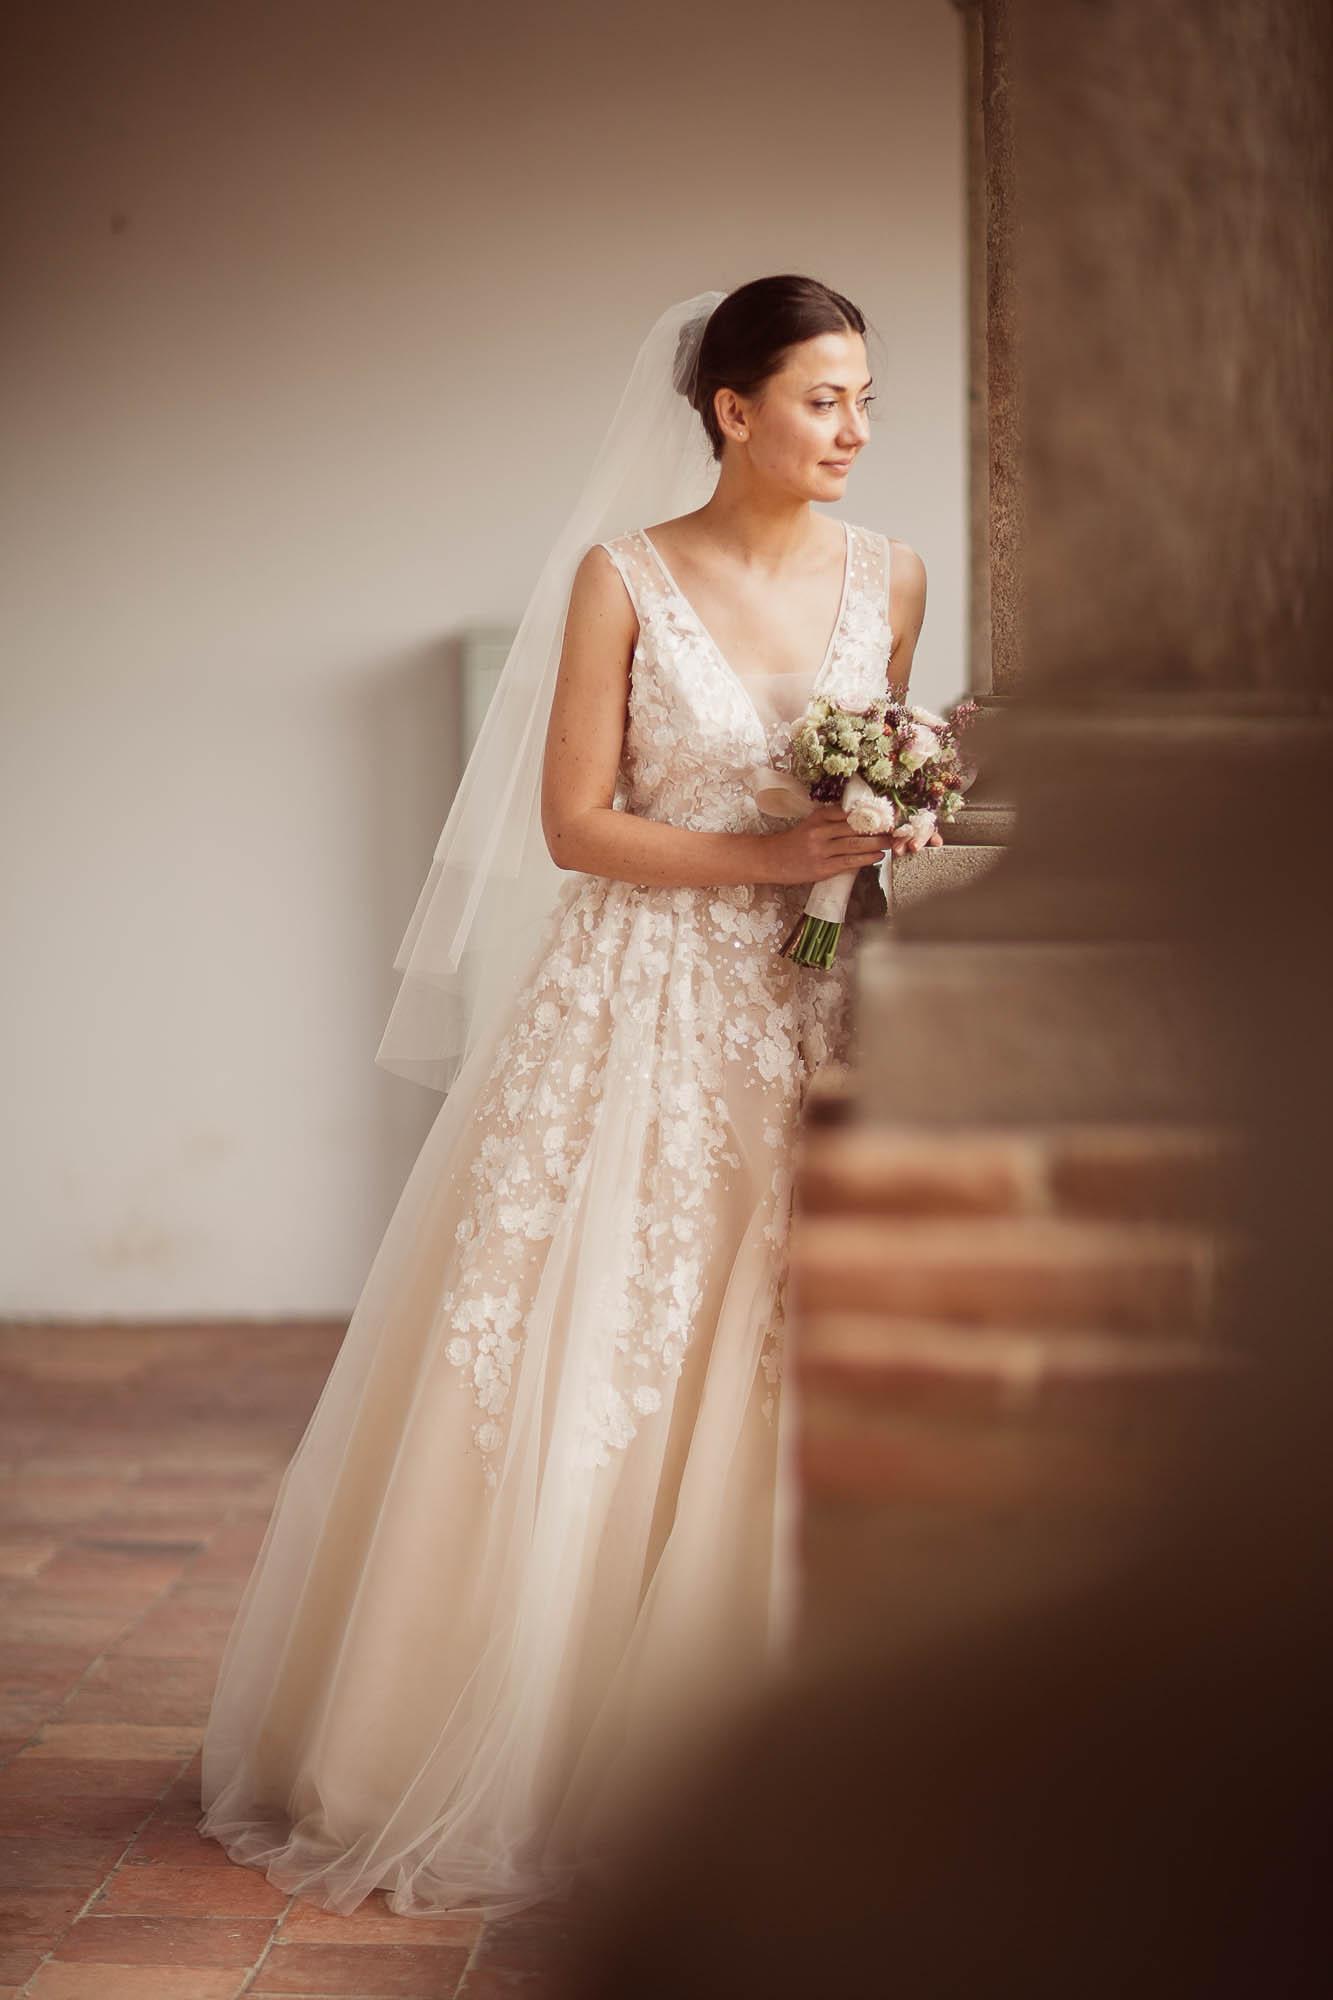 La novia sostiene el ramo de boda